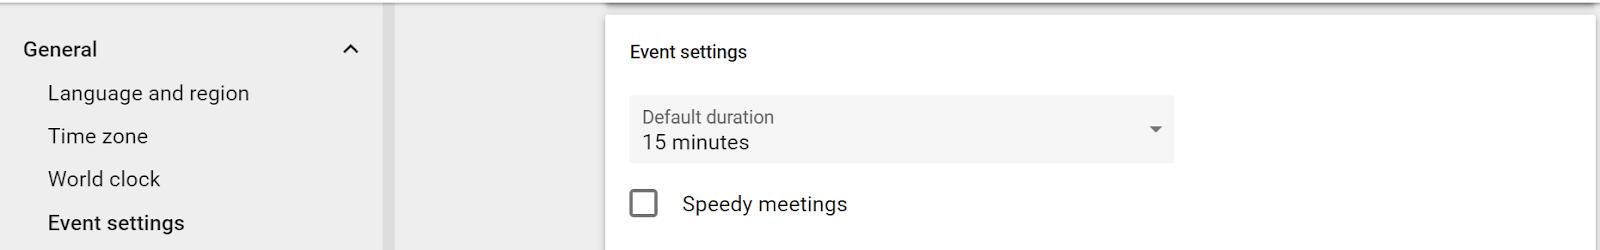 Calendar shortcut screenshot